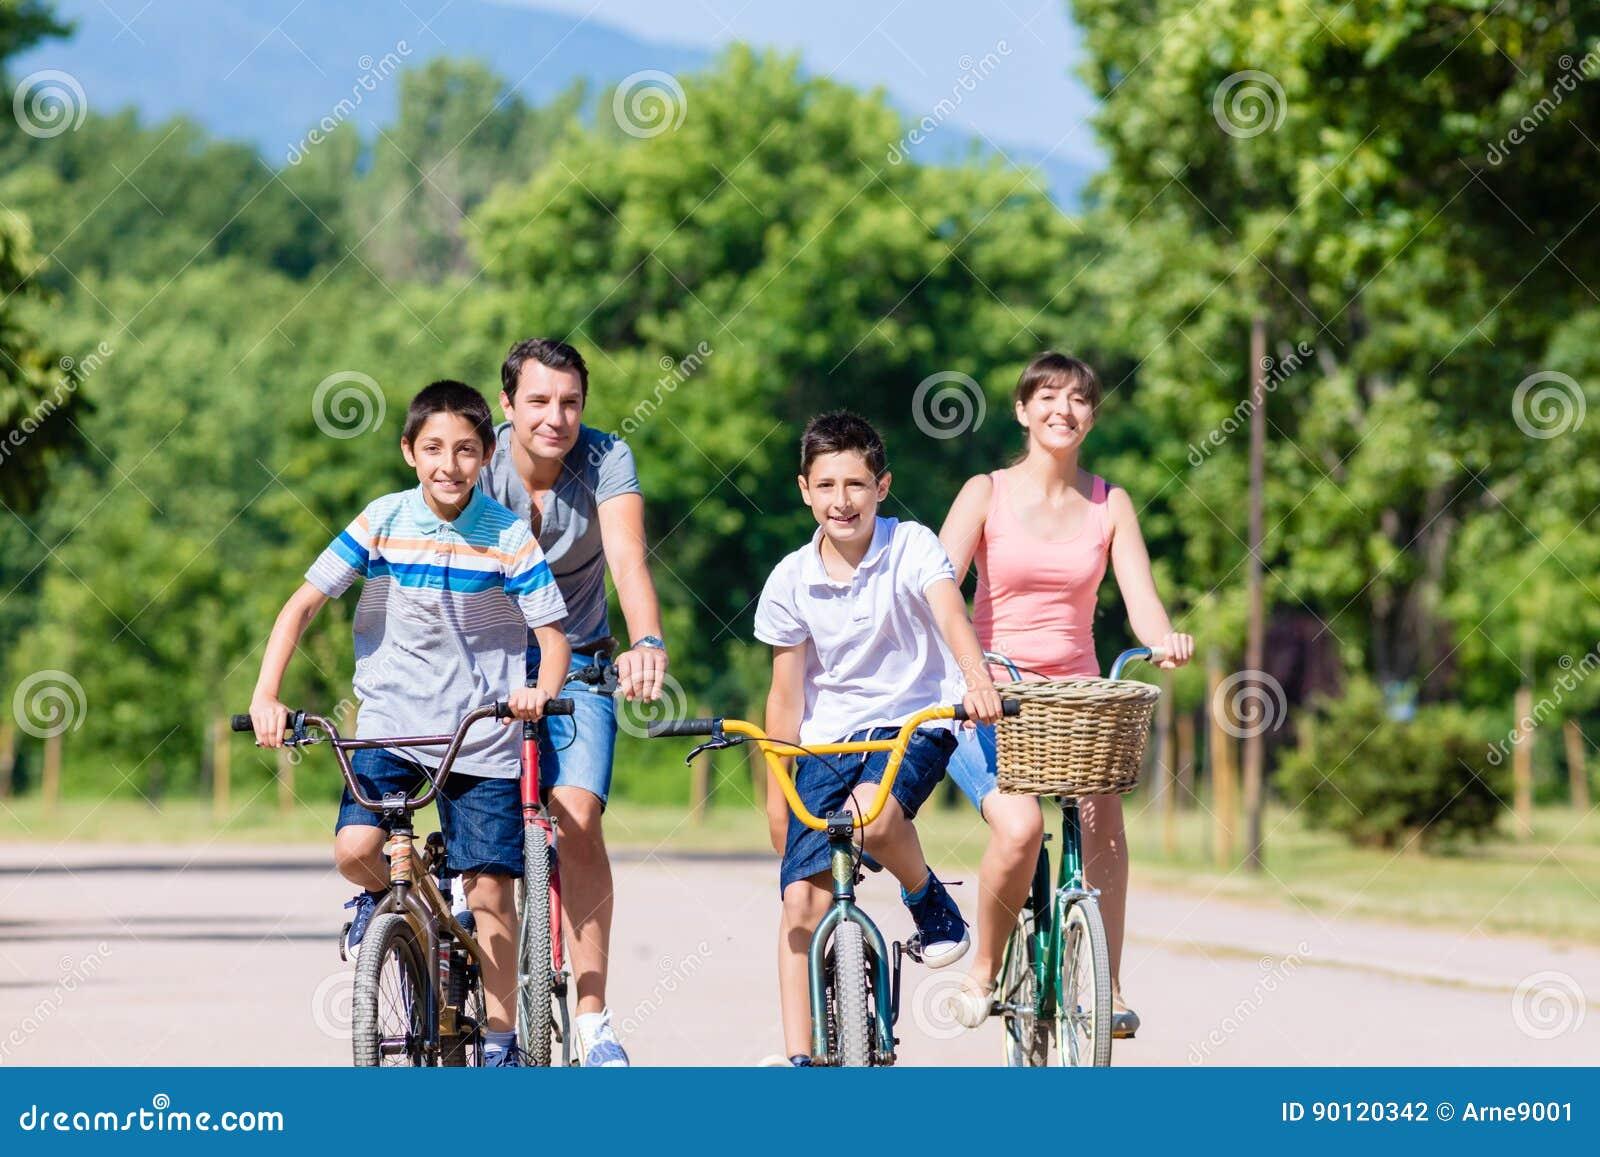 Vierköpfige Familie auf Fahrradreise im Sommer